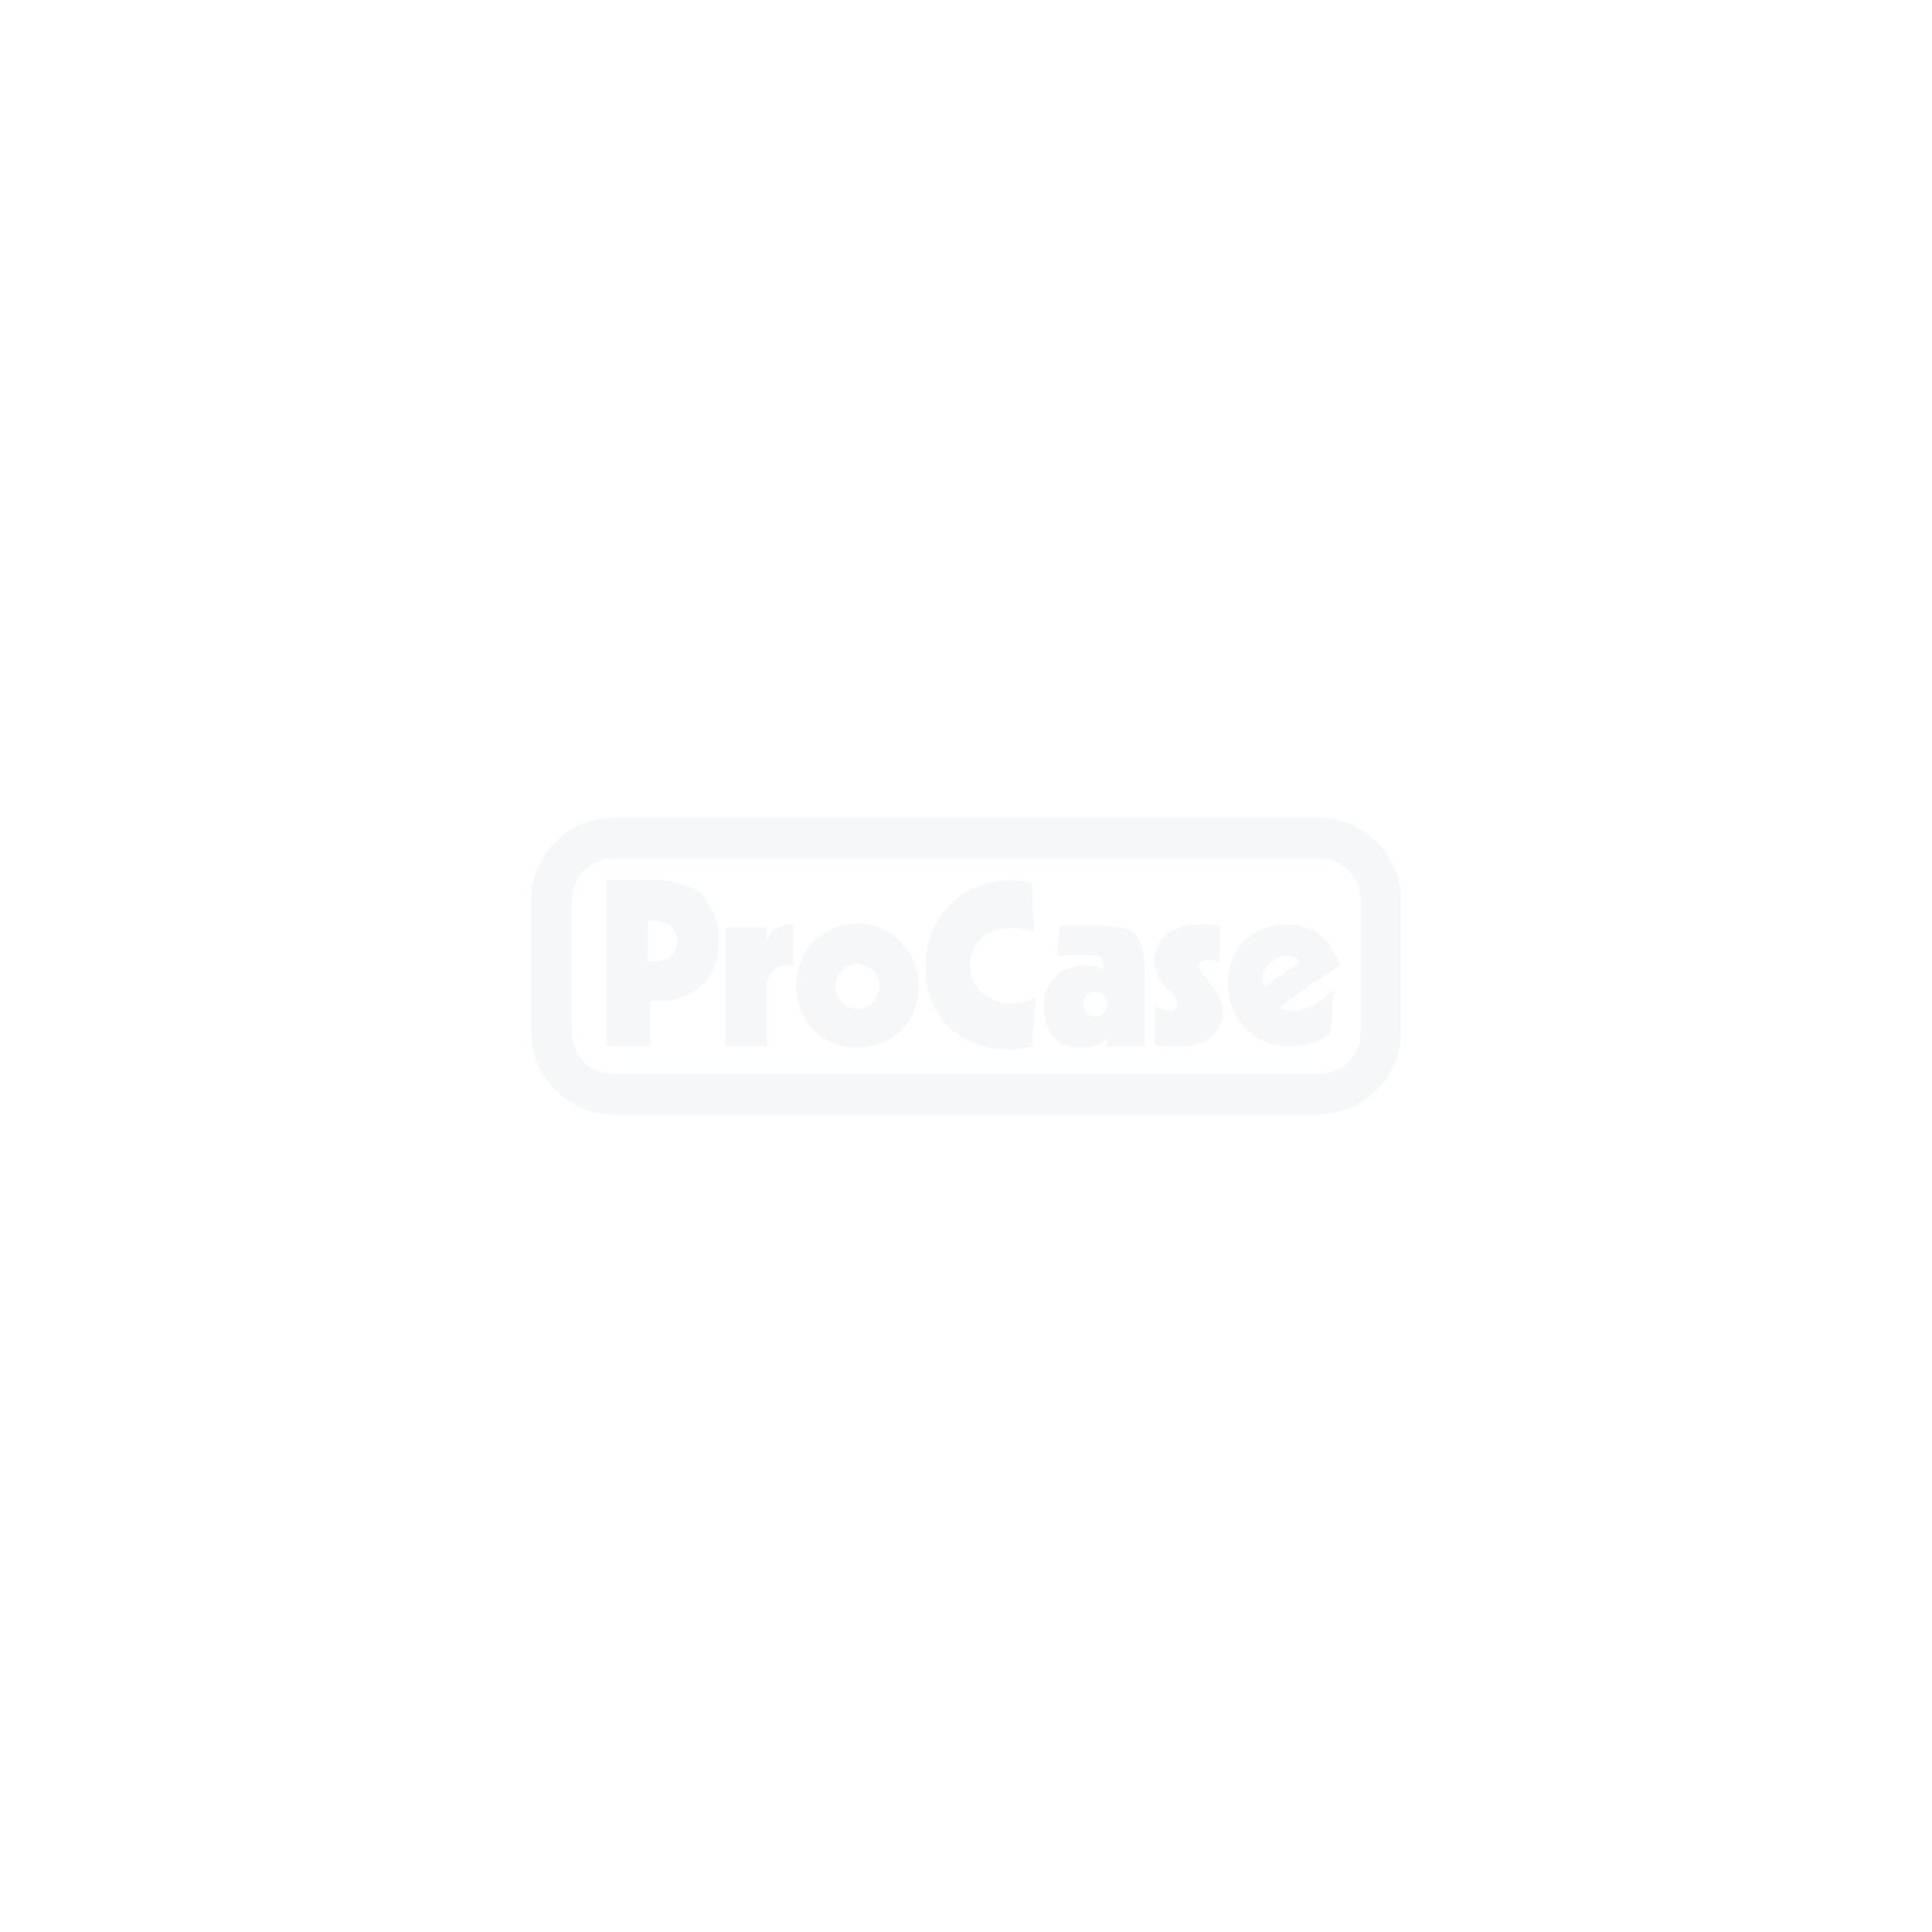 QSD Stack-Rack 6HE 800 tief